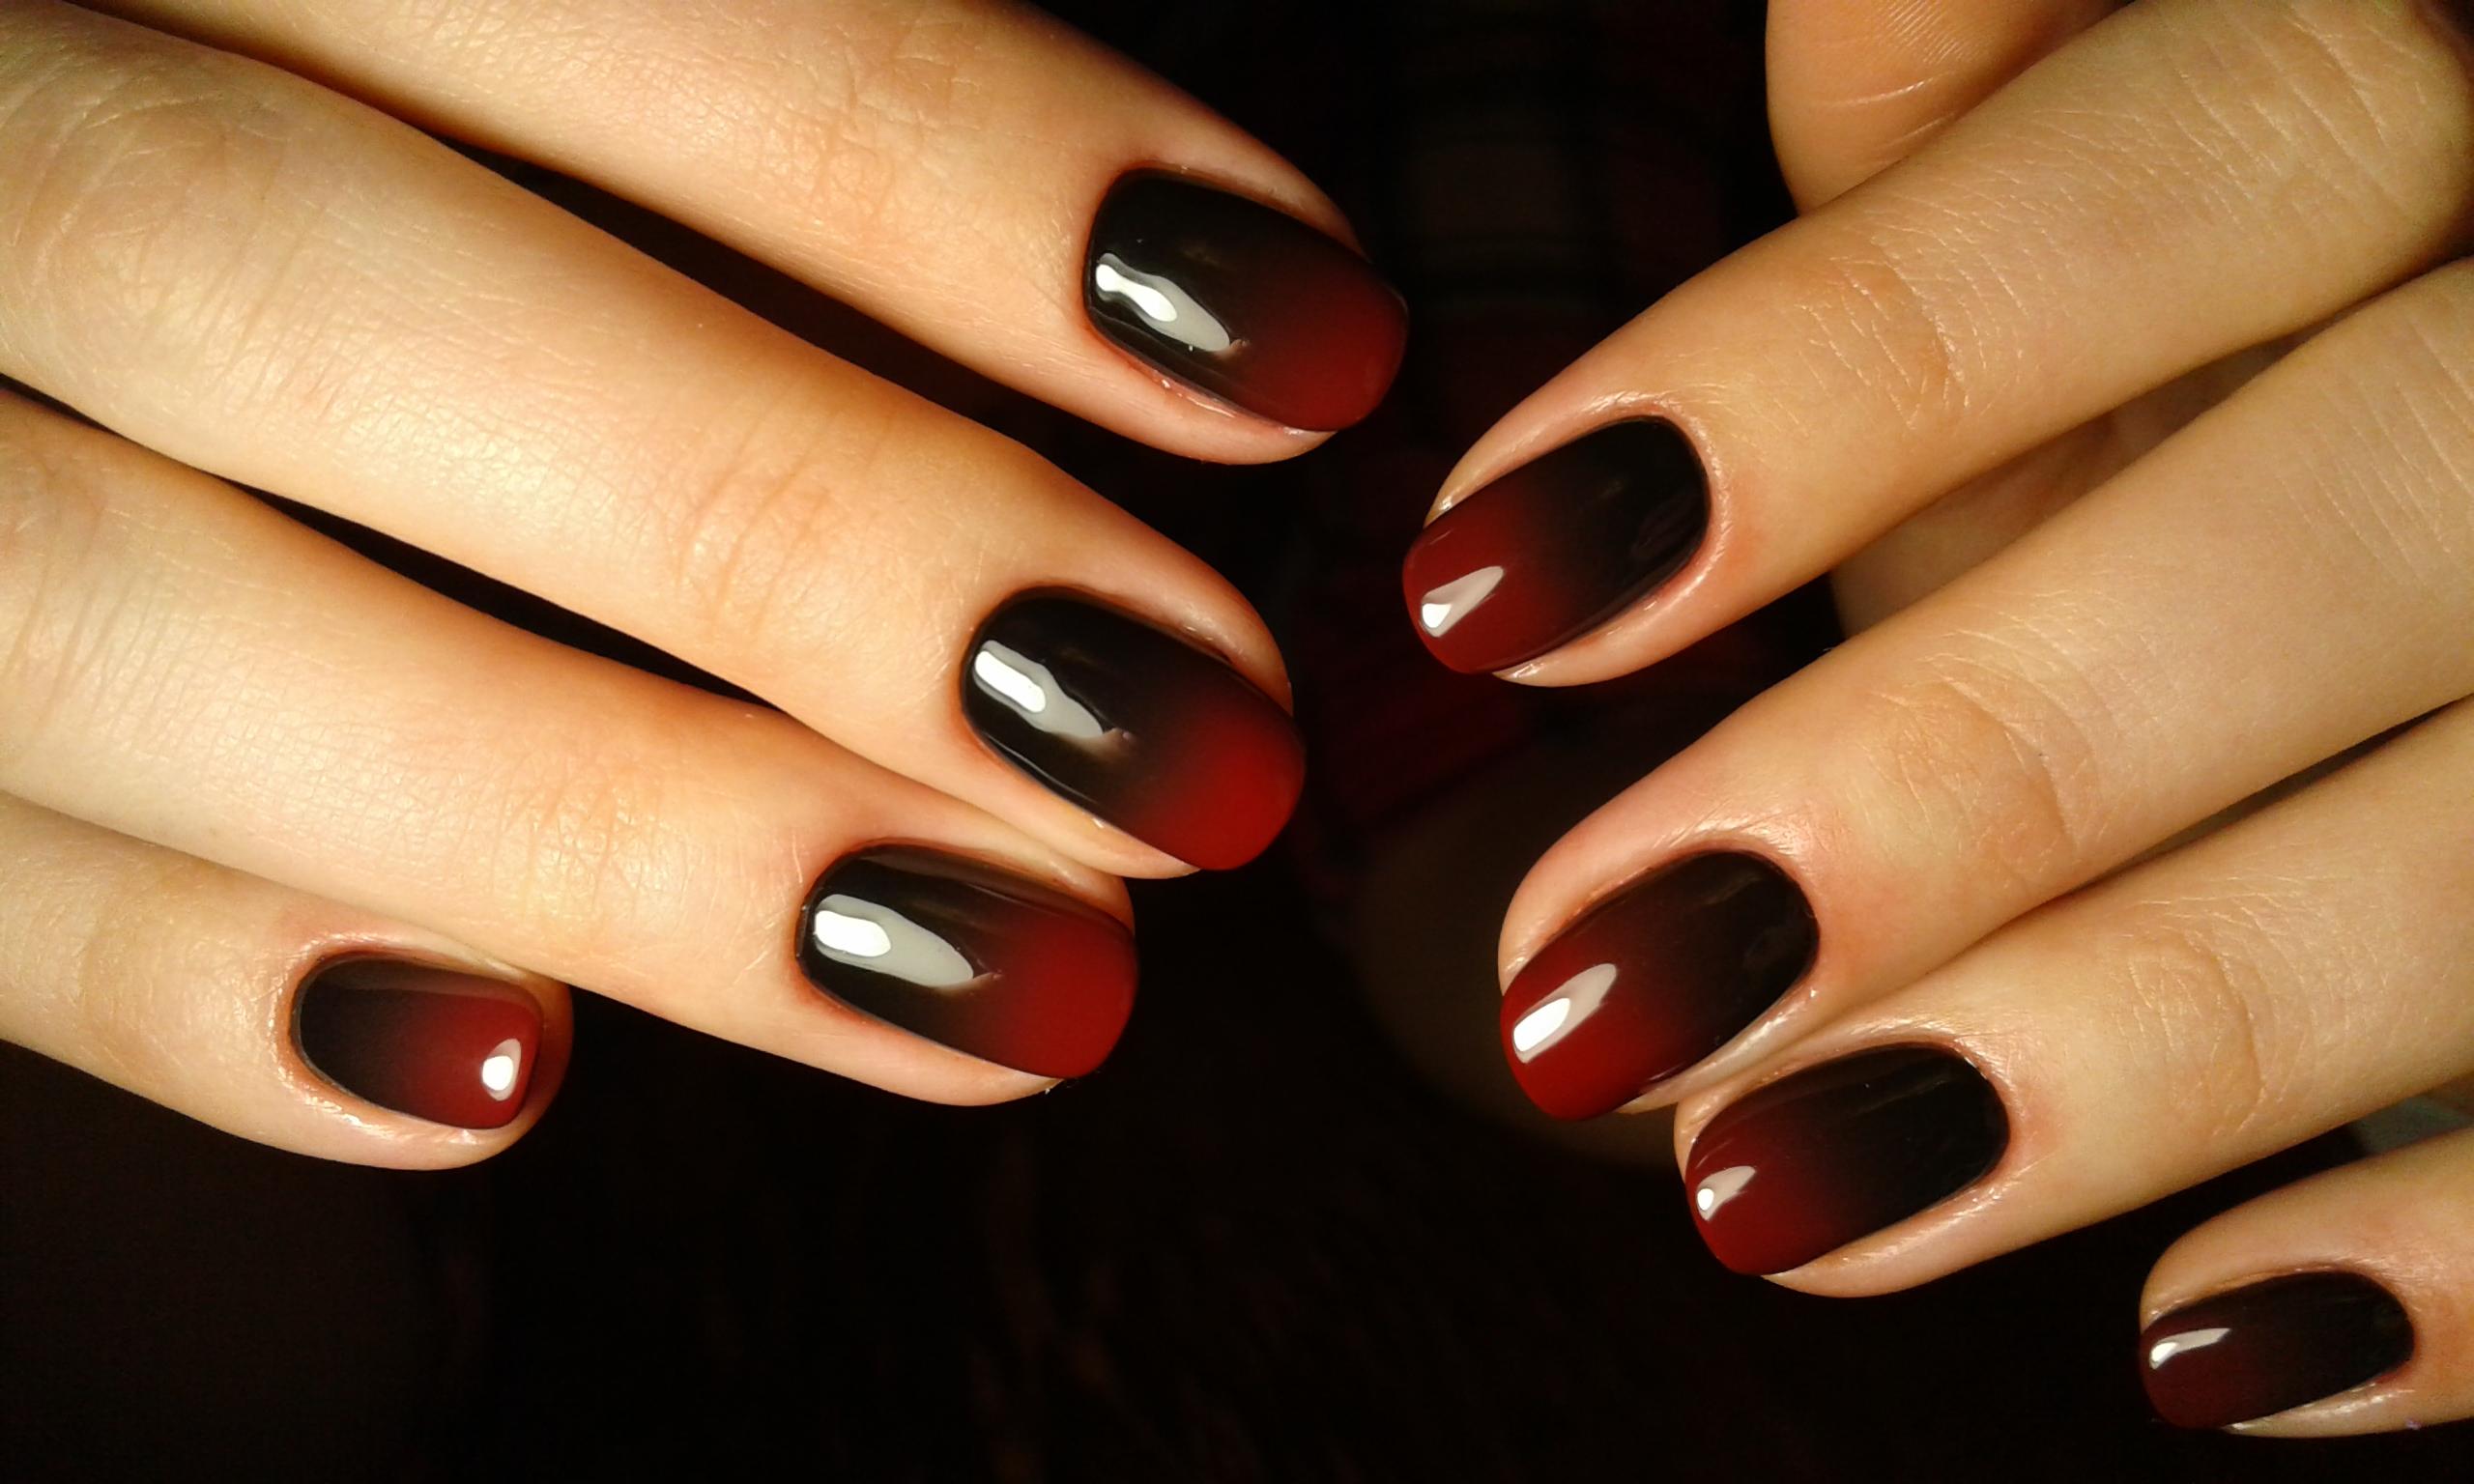 Дизайн ногтей омбре: красивые и модные варианты с фото ...